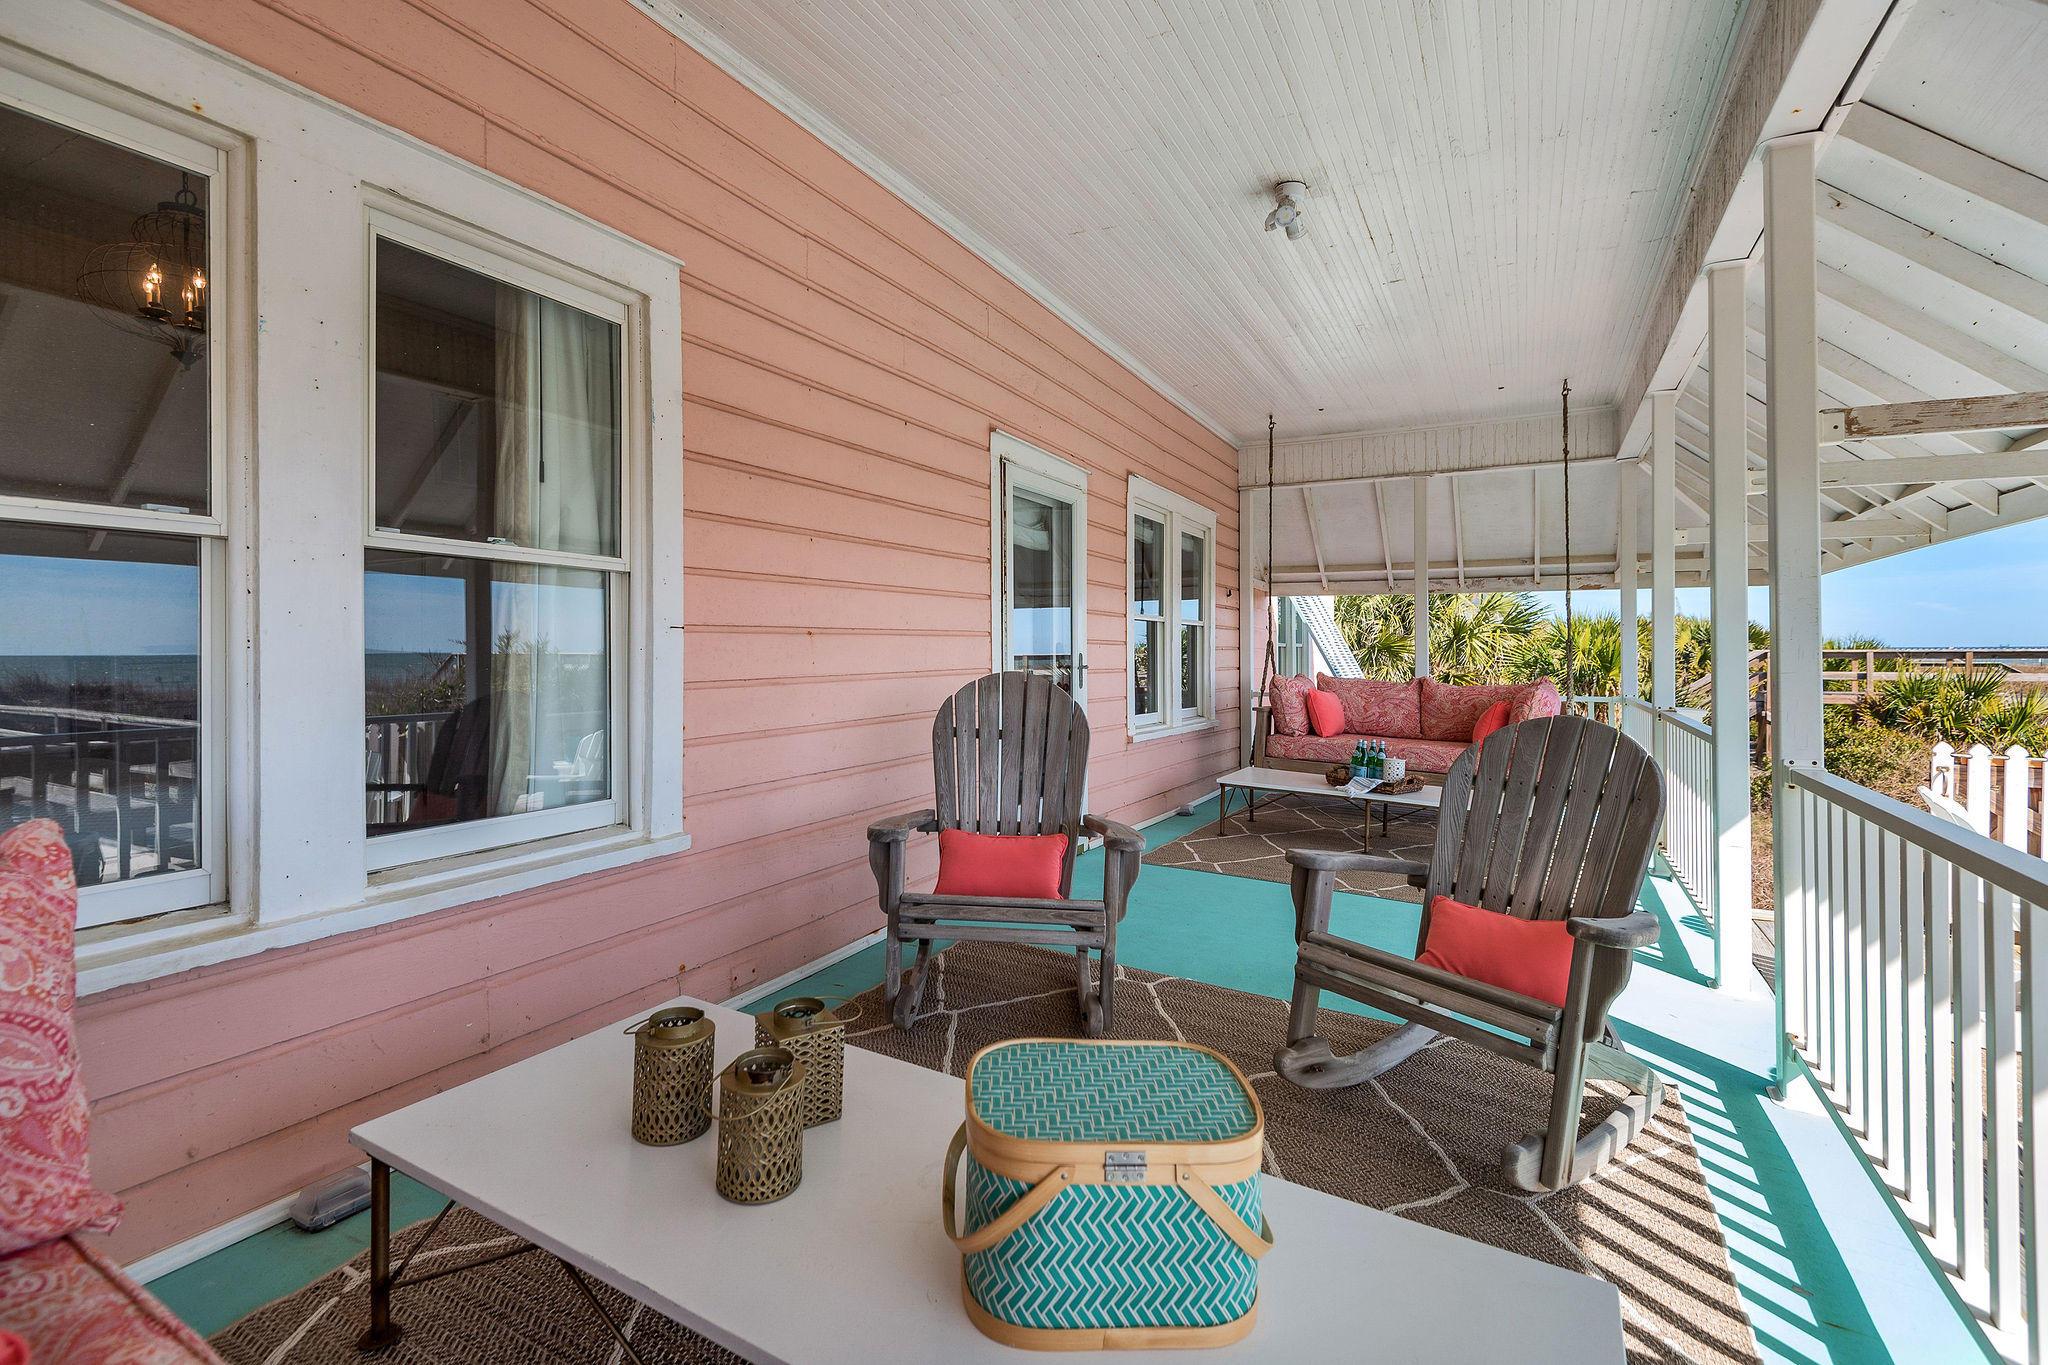 Folly Beach Homes For Sale - 509 Ashley, Folly Beach, SC - 69